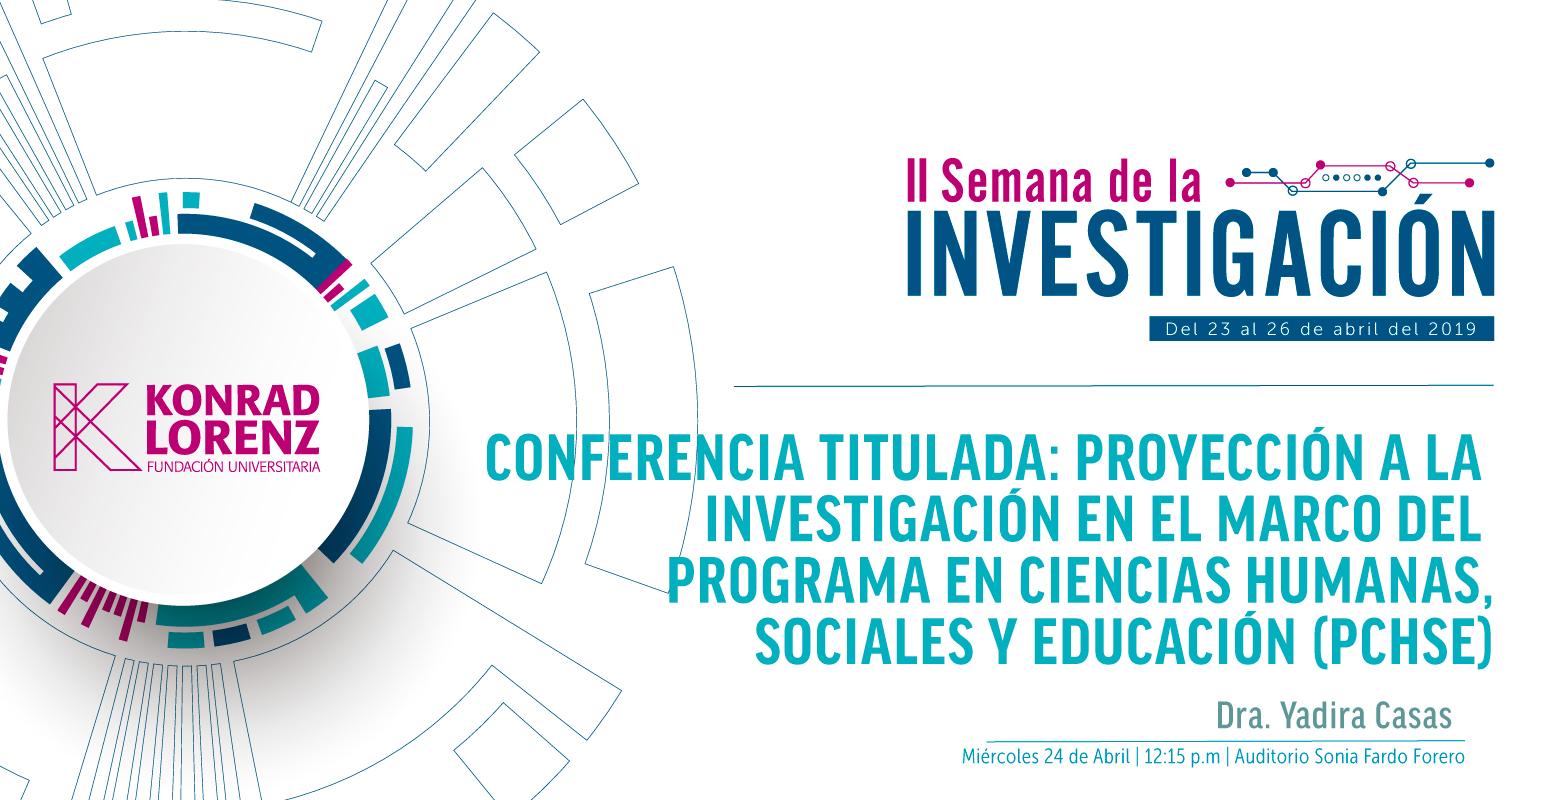 Proyección a la Investigación en el marco del Programa en Ciencias Humanas, Sociales y Educación (PCHSE)